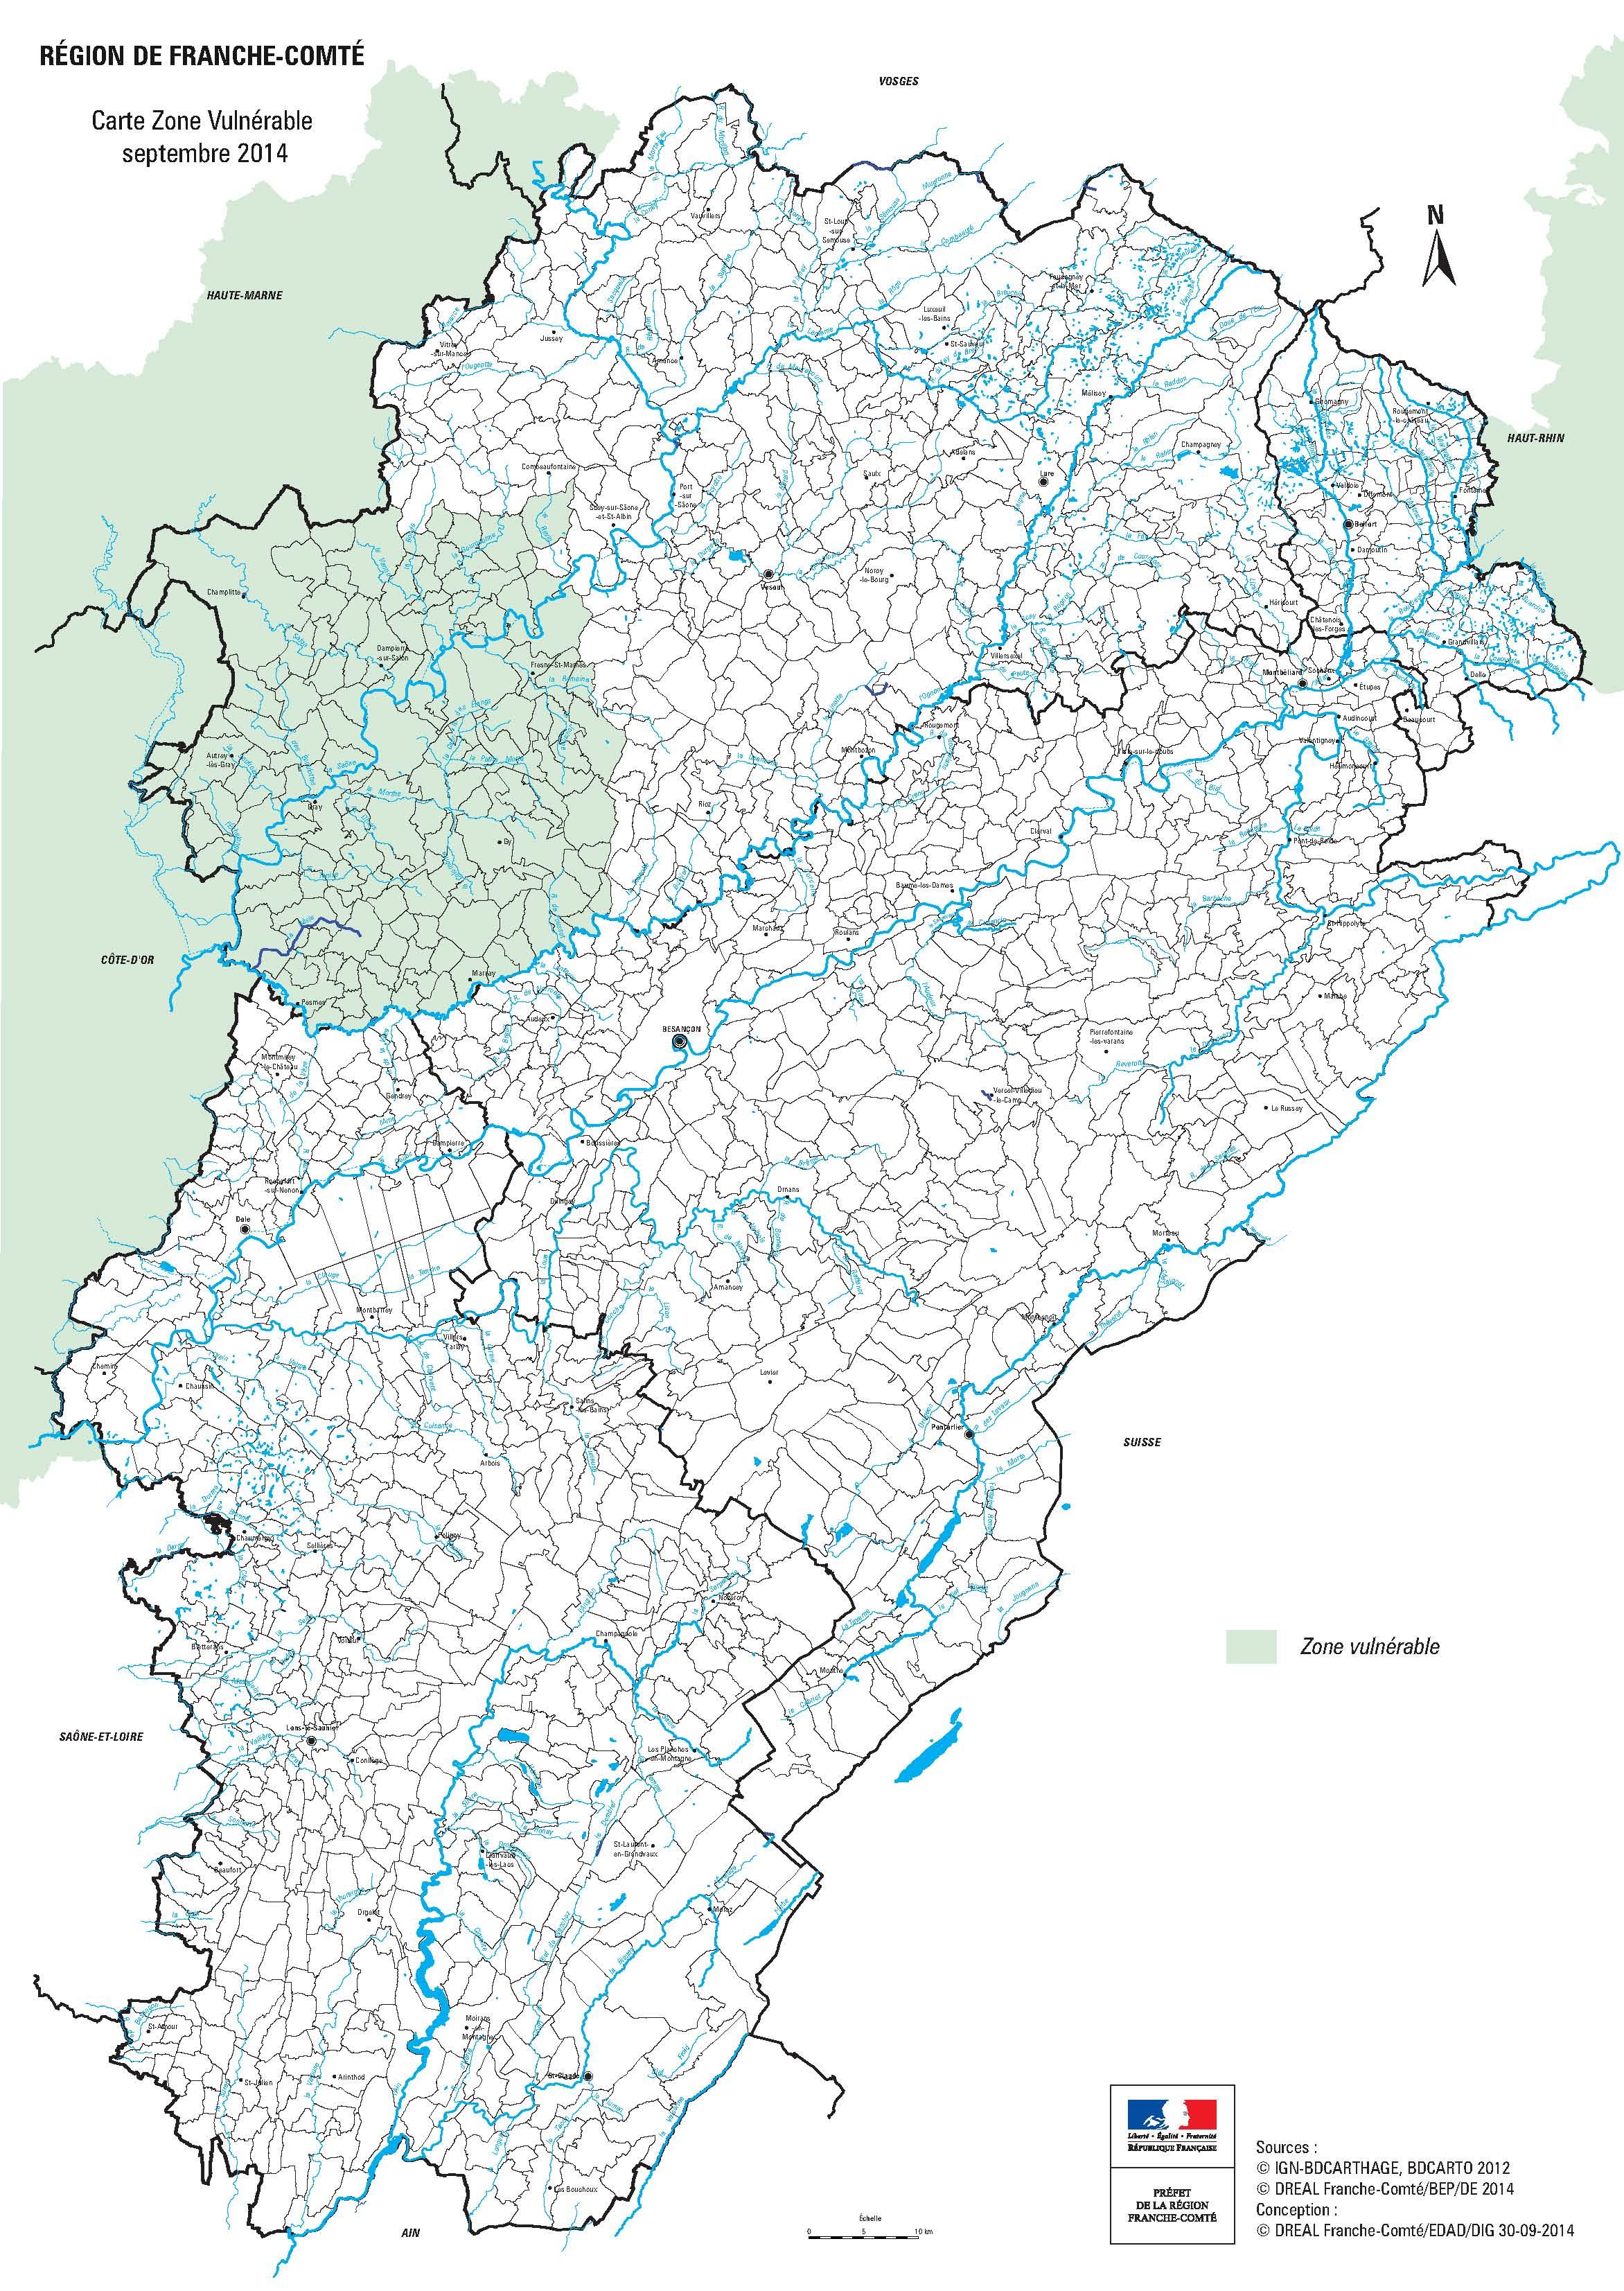 Pratiques agricoles profil environnemental de la franche for Zone commune